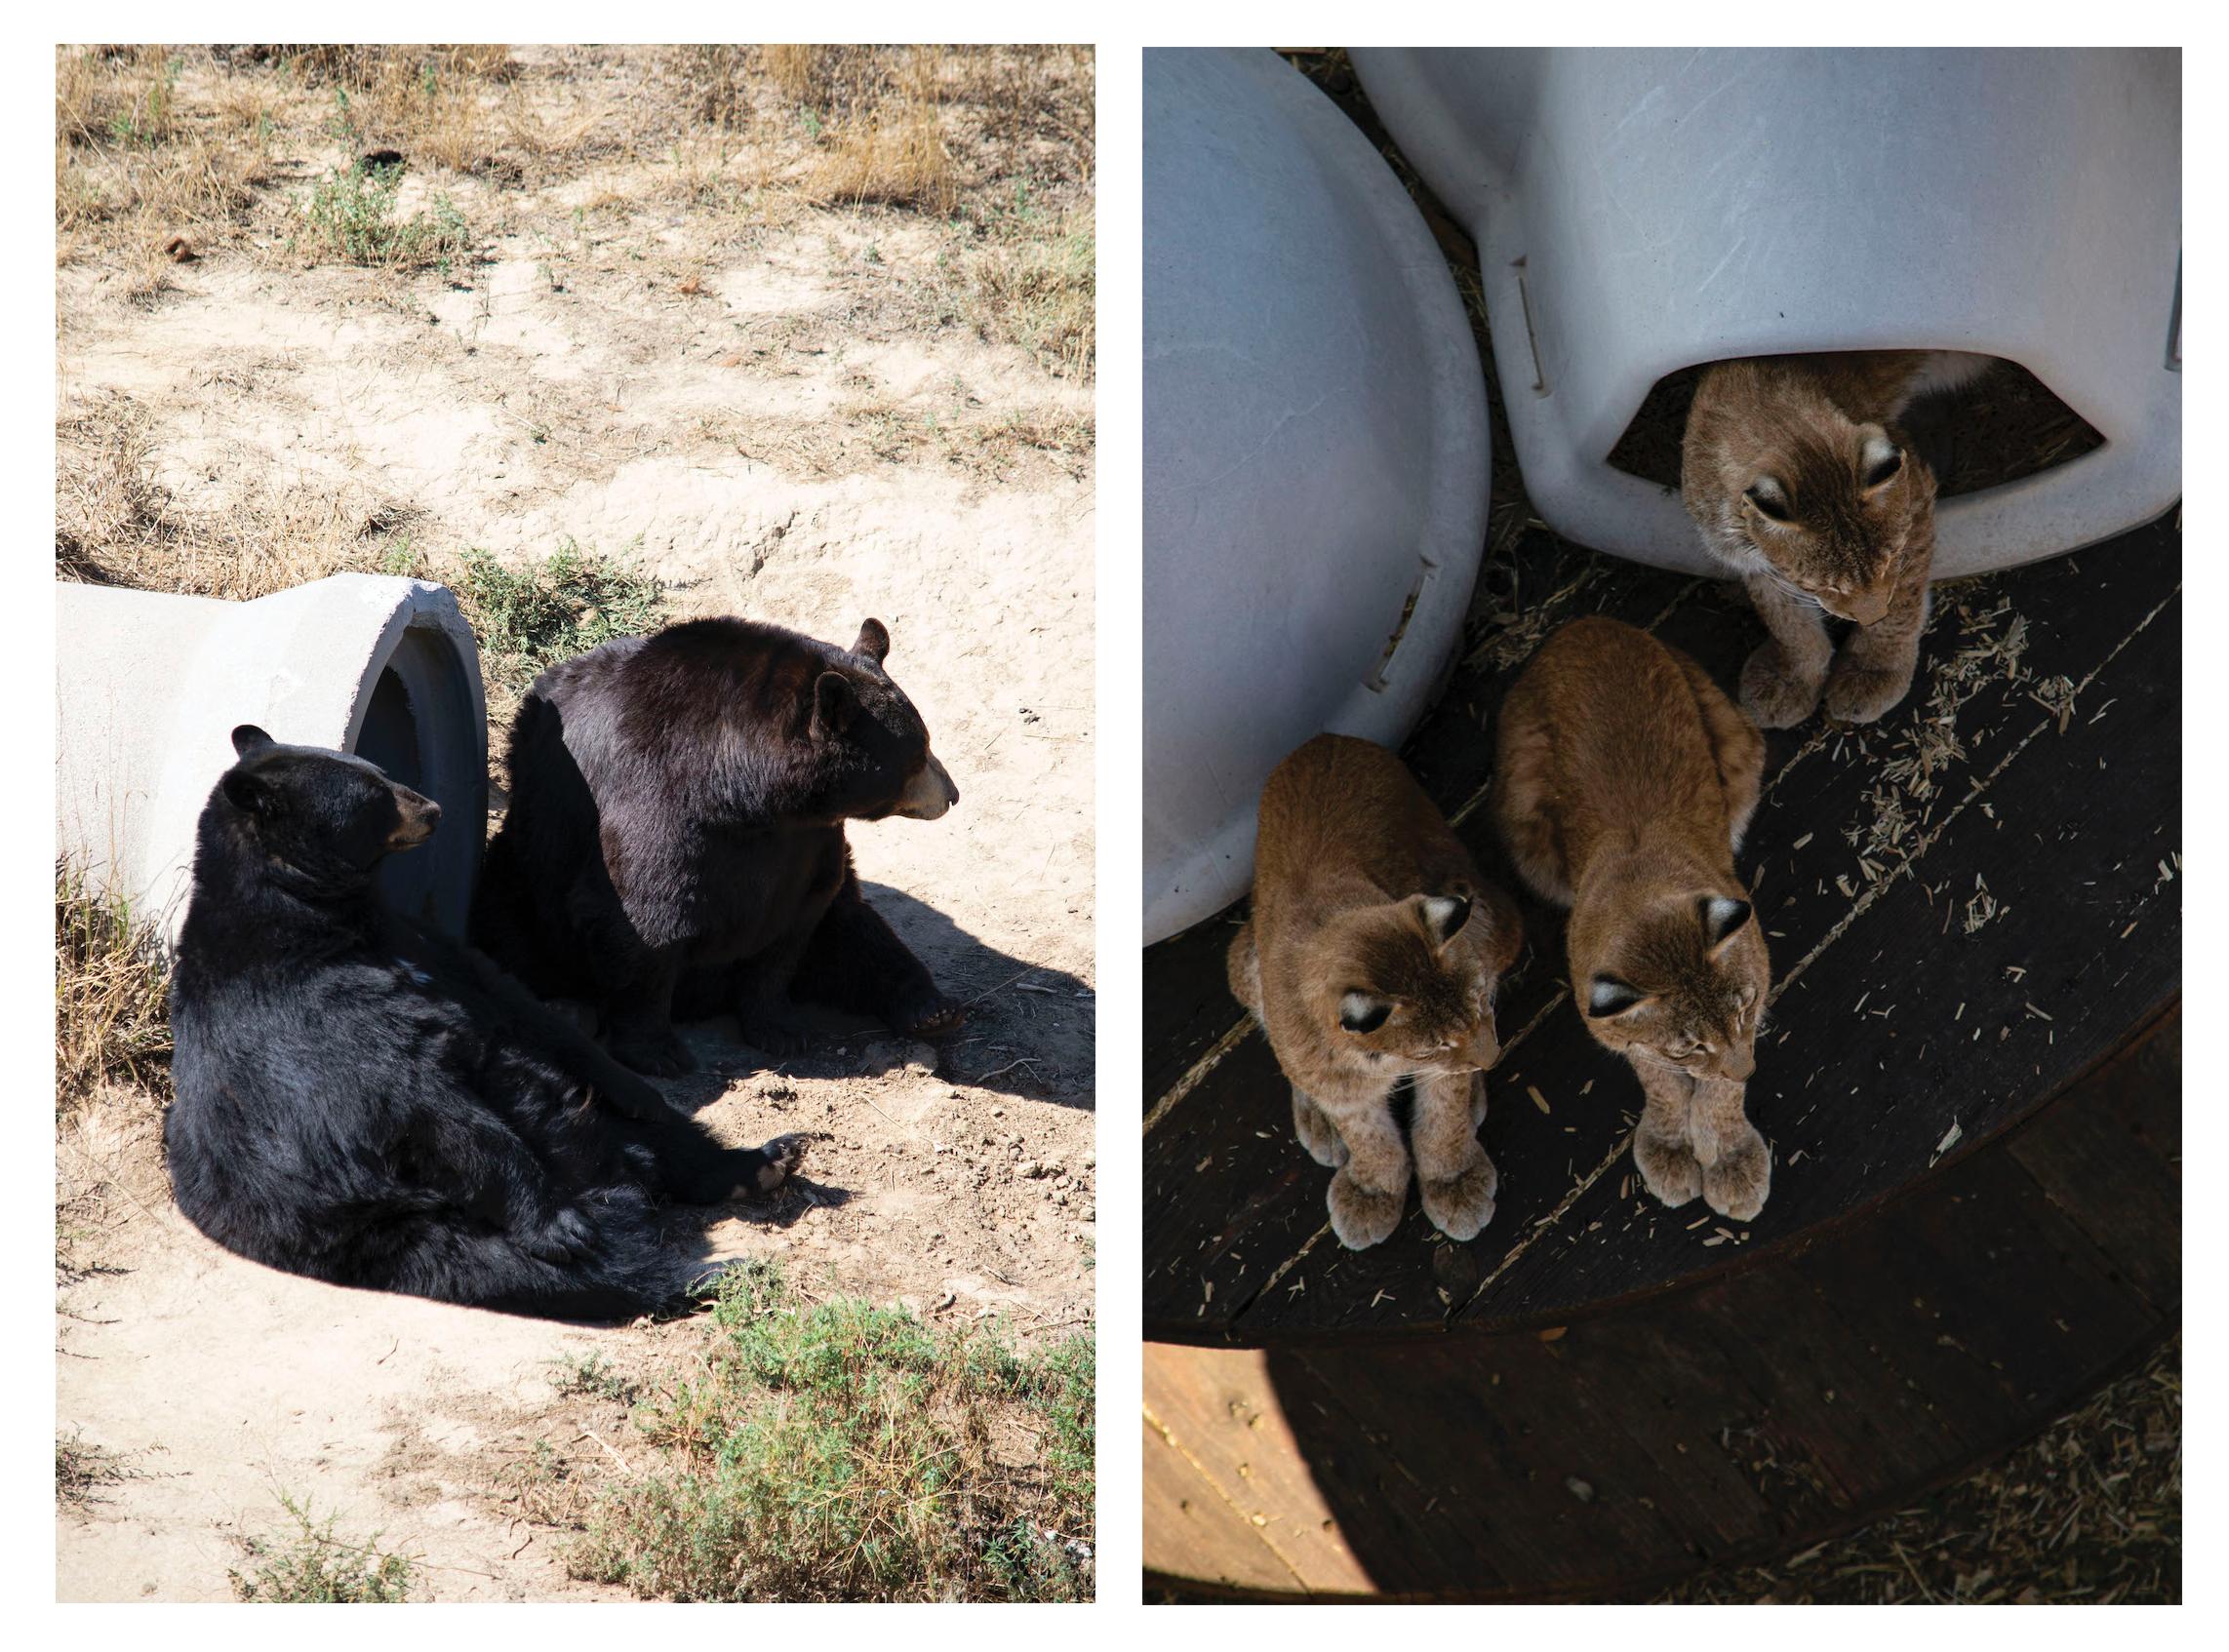 Wild Animal Sanctuary Bears and Bobcat Kits